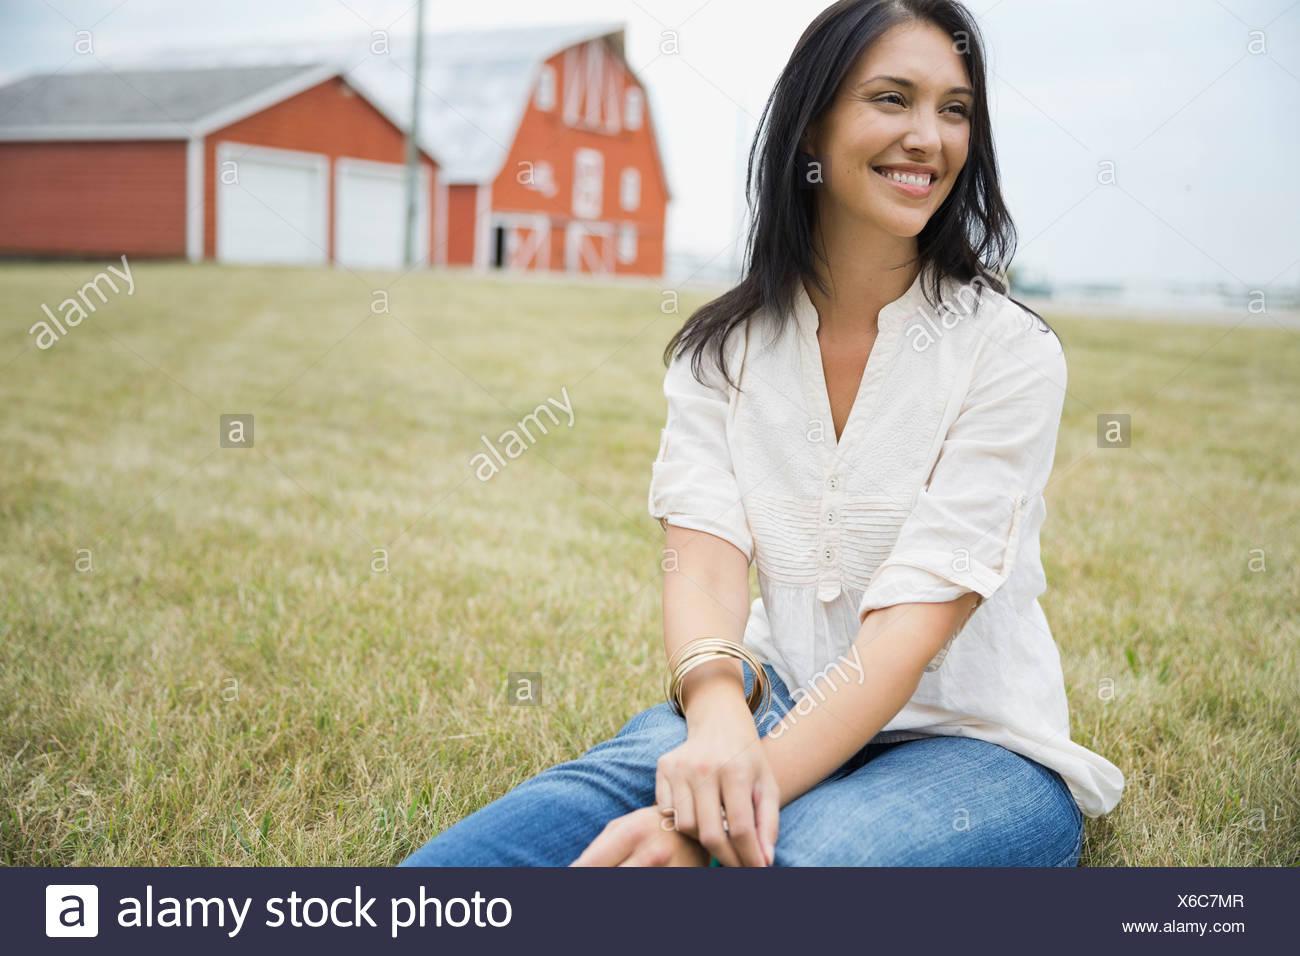 Lächelnde Frau sitzen im freien Stockfoto